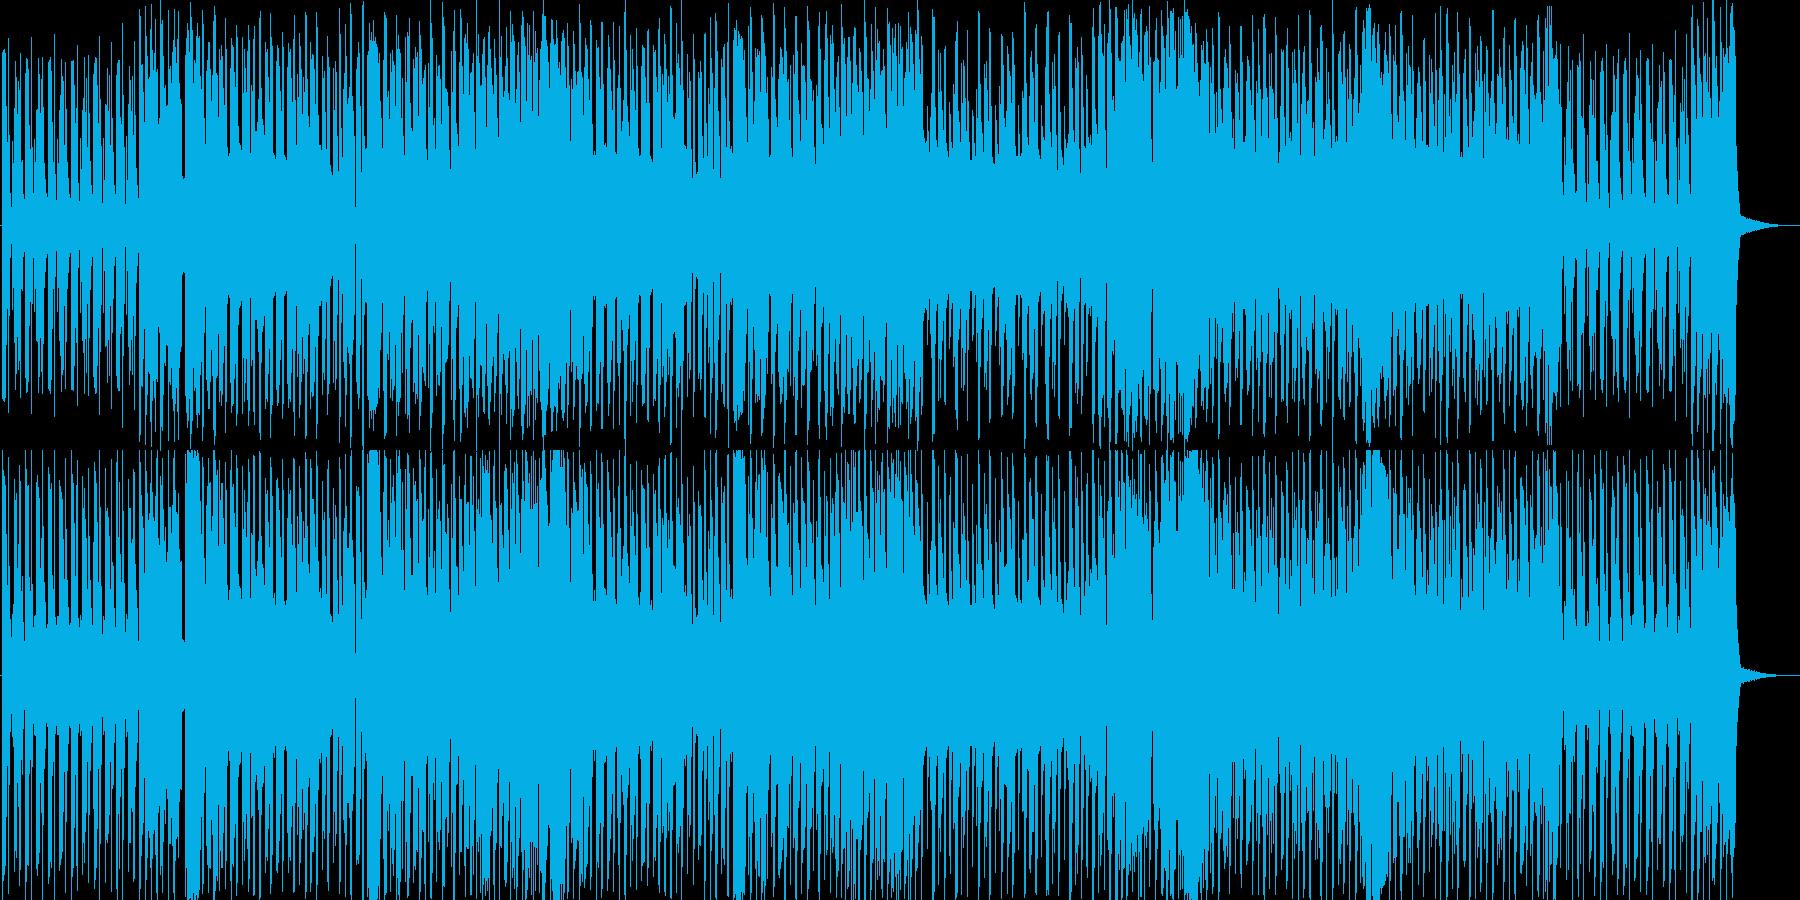 ちょっと懐かしい!?ポップなサウンドの再生済みの波形